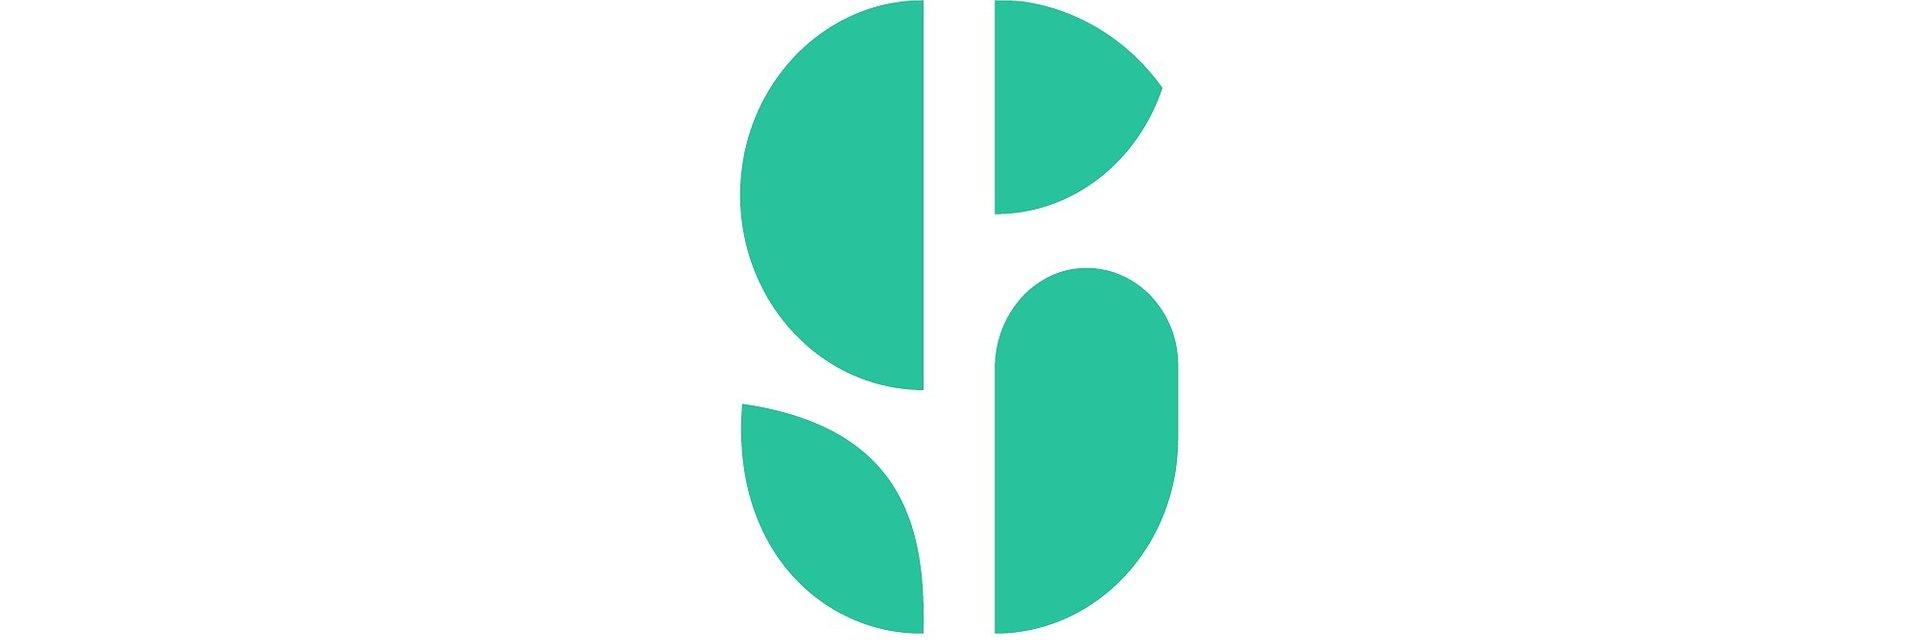 Grupo Sovena entra no mercado chileno